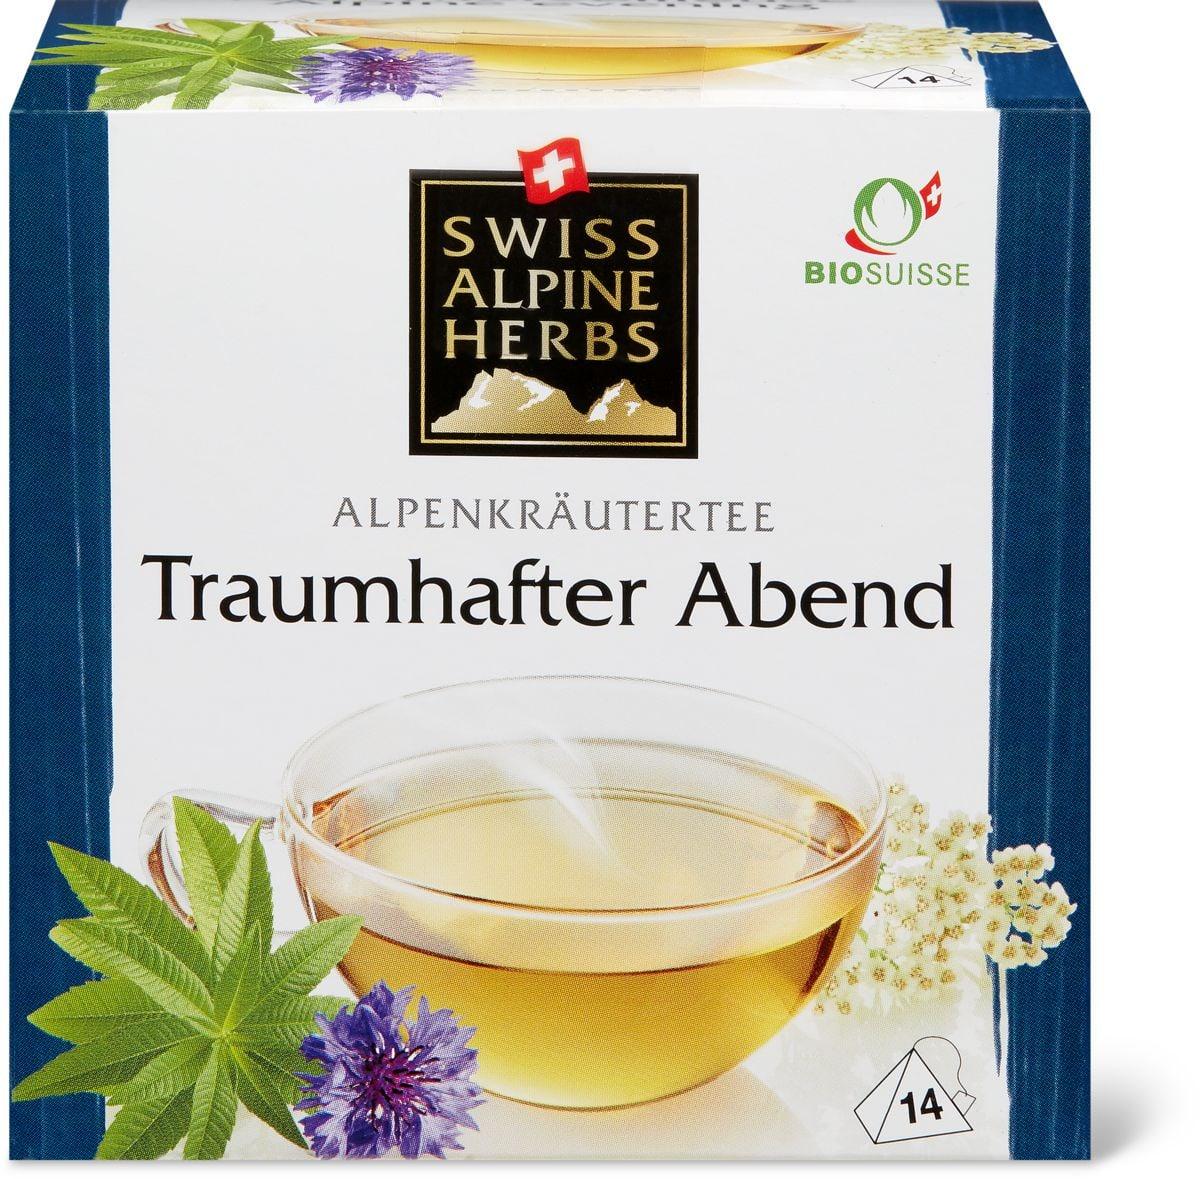 Bio Swiss Kräuterabend